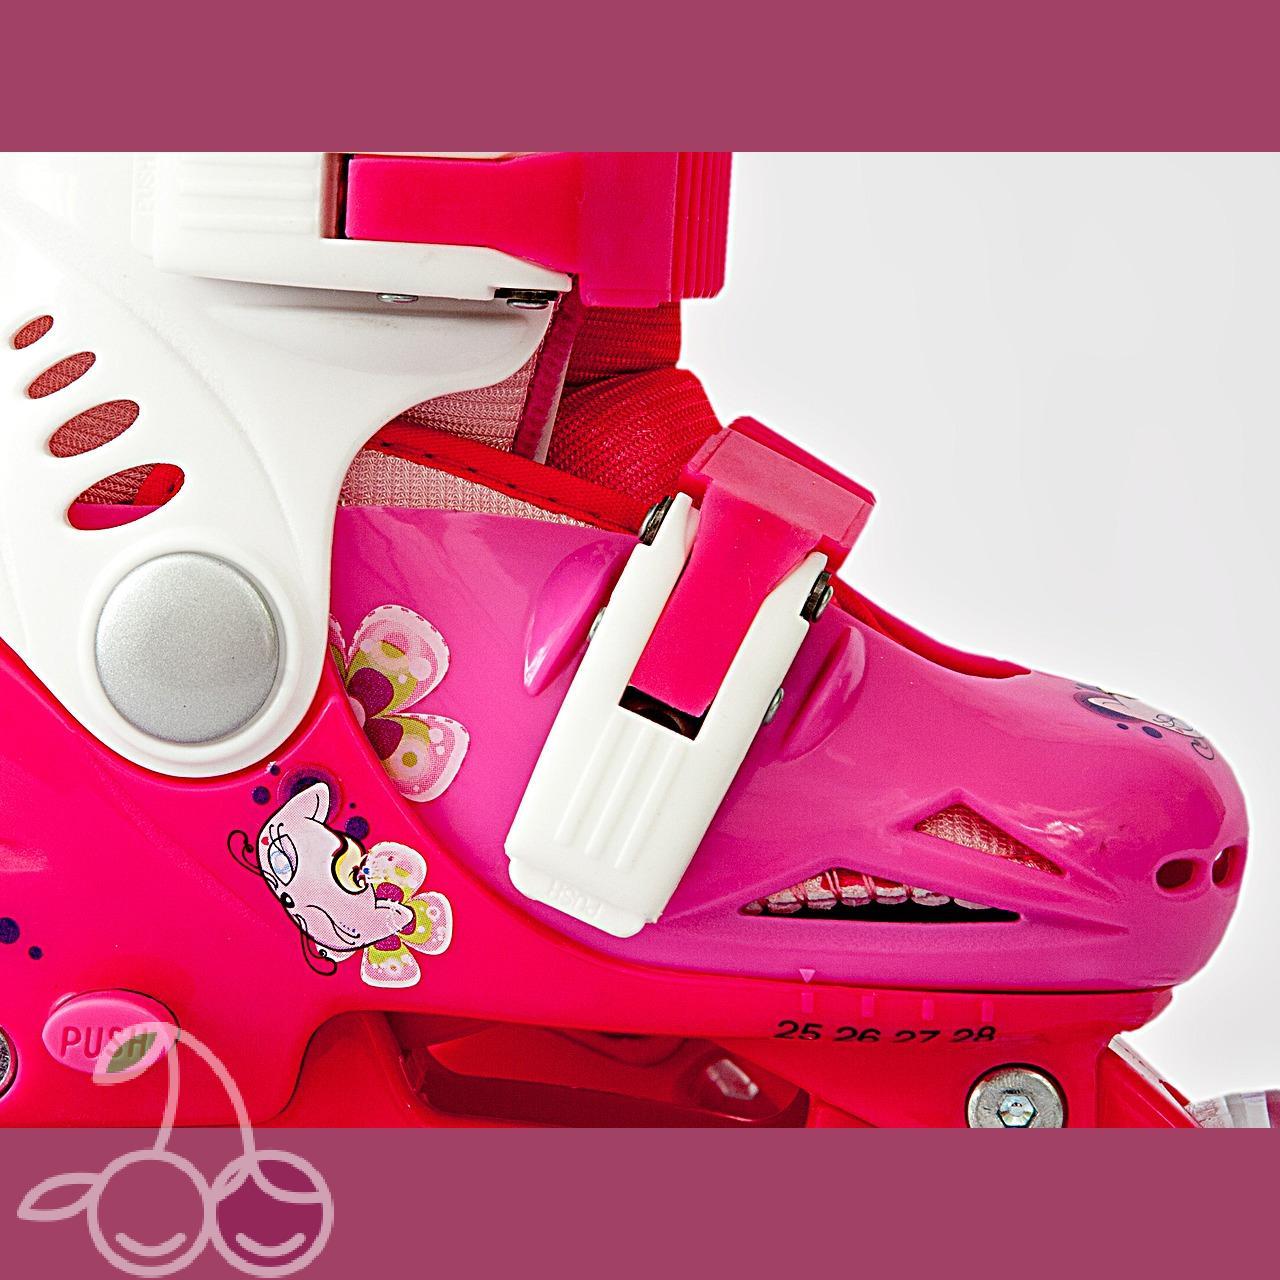 Роликовые коньки детские 27 размер, для обучения (трансформеры, раздвижной ботинок) MagicWheels розовые, - фото 3